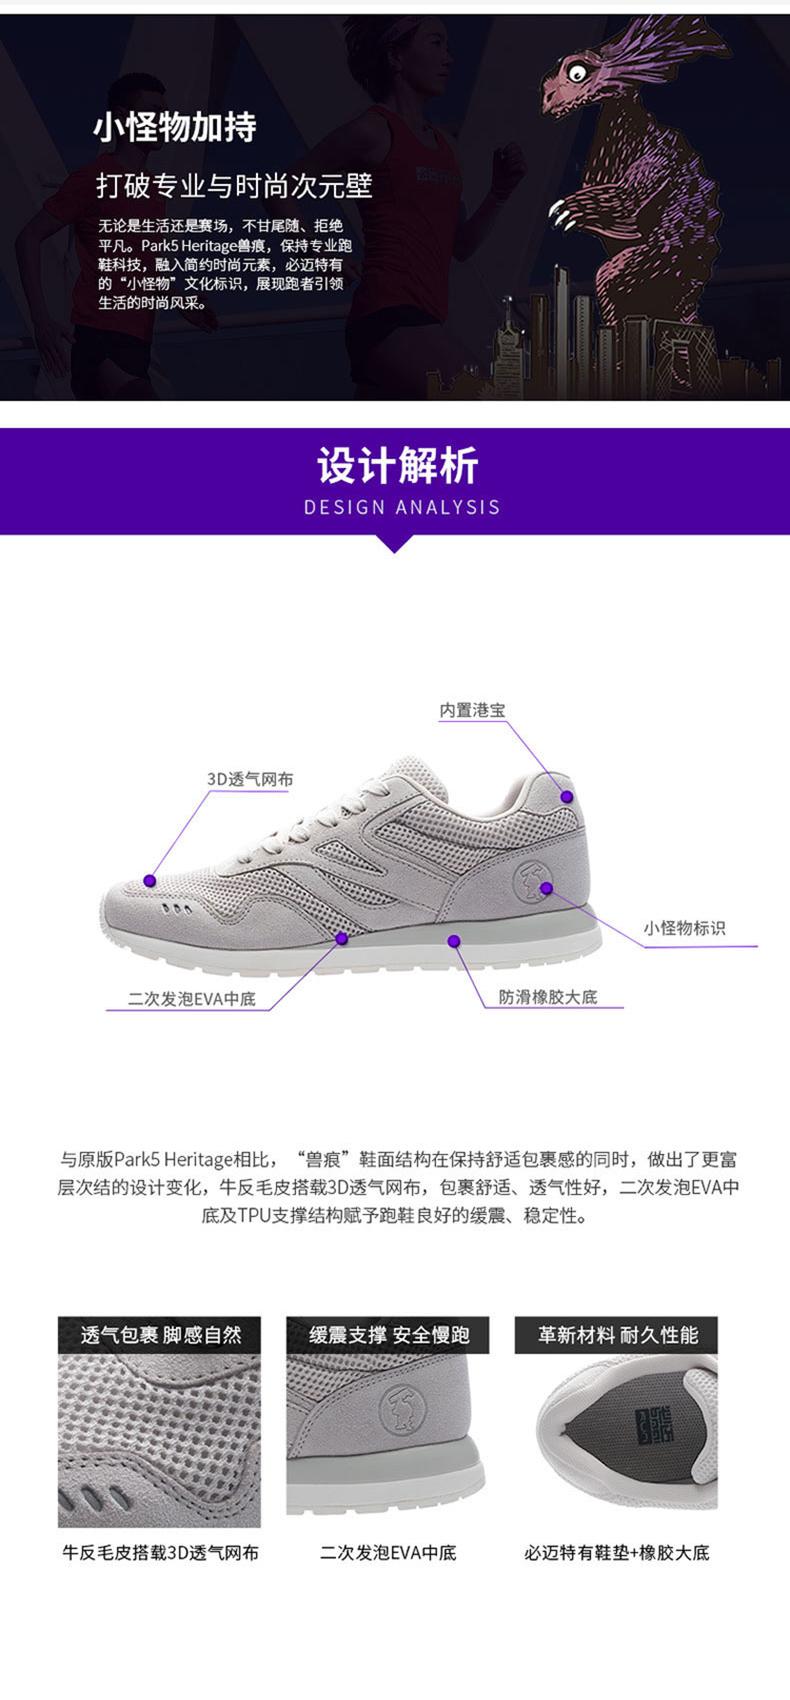 必迈 Park5 Heritage兽痕 复古休闲运动鞋 图3